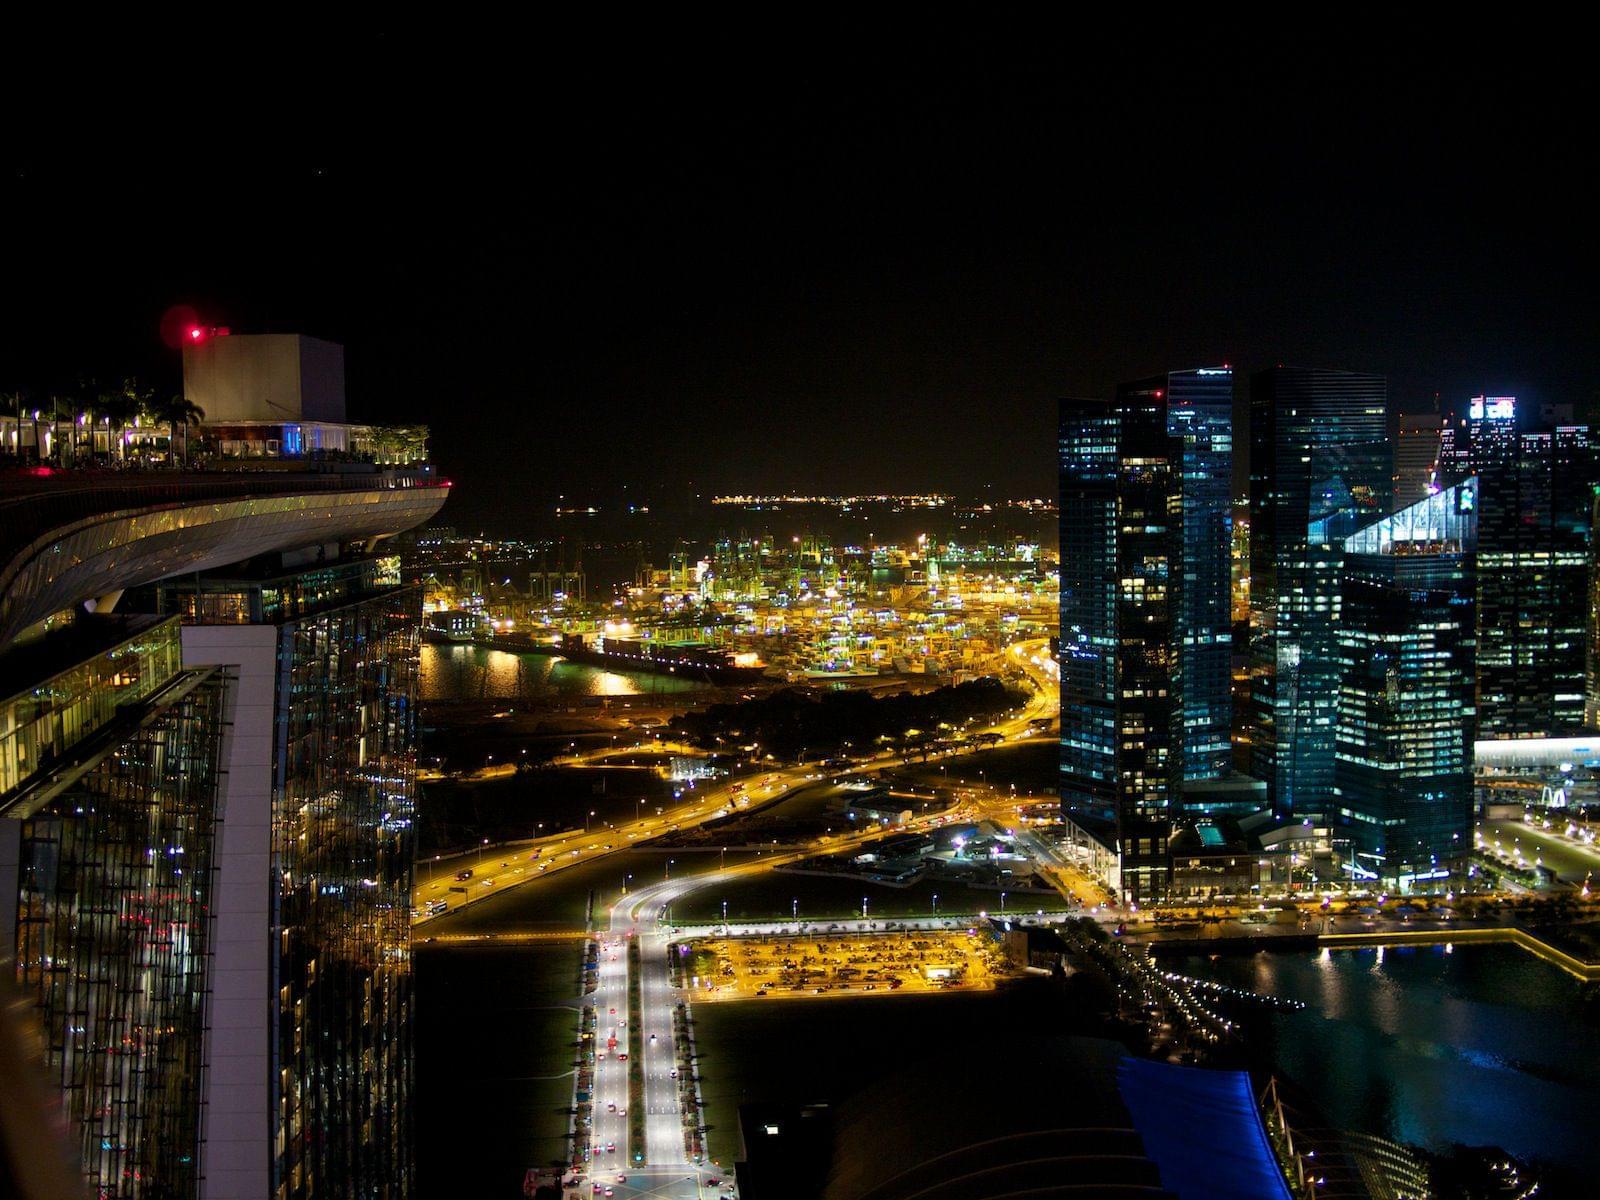 【シンガポール】夜景が素敵なおすすめ厳選レストラン特集!